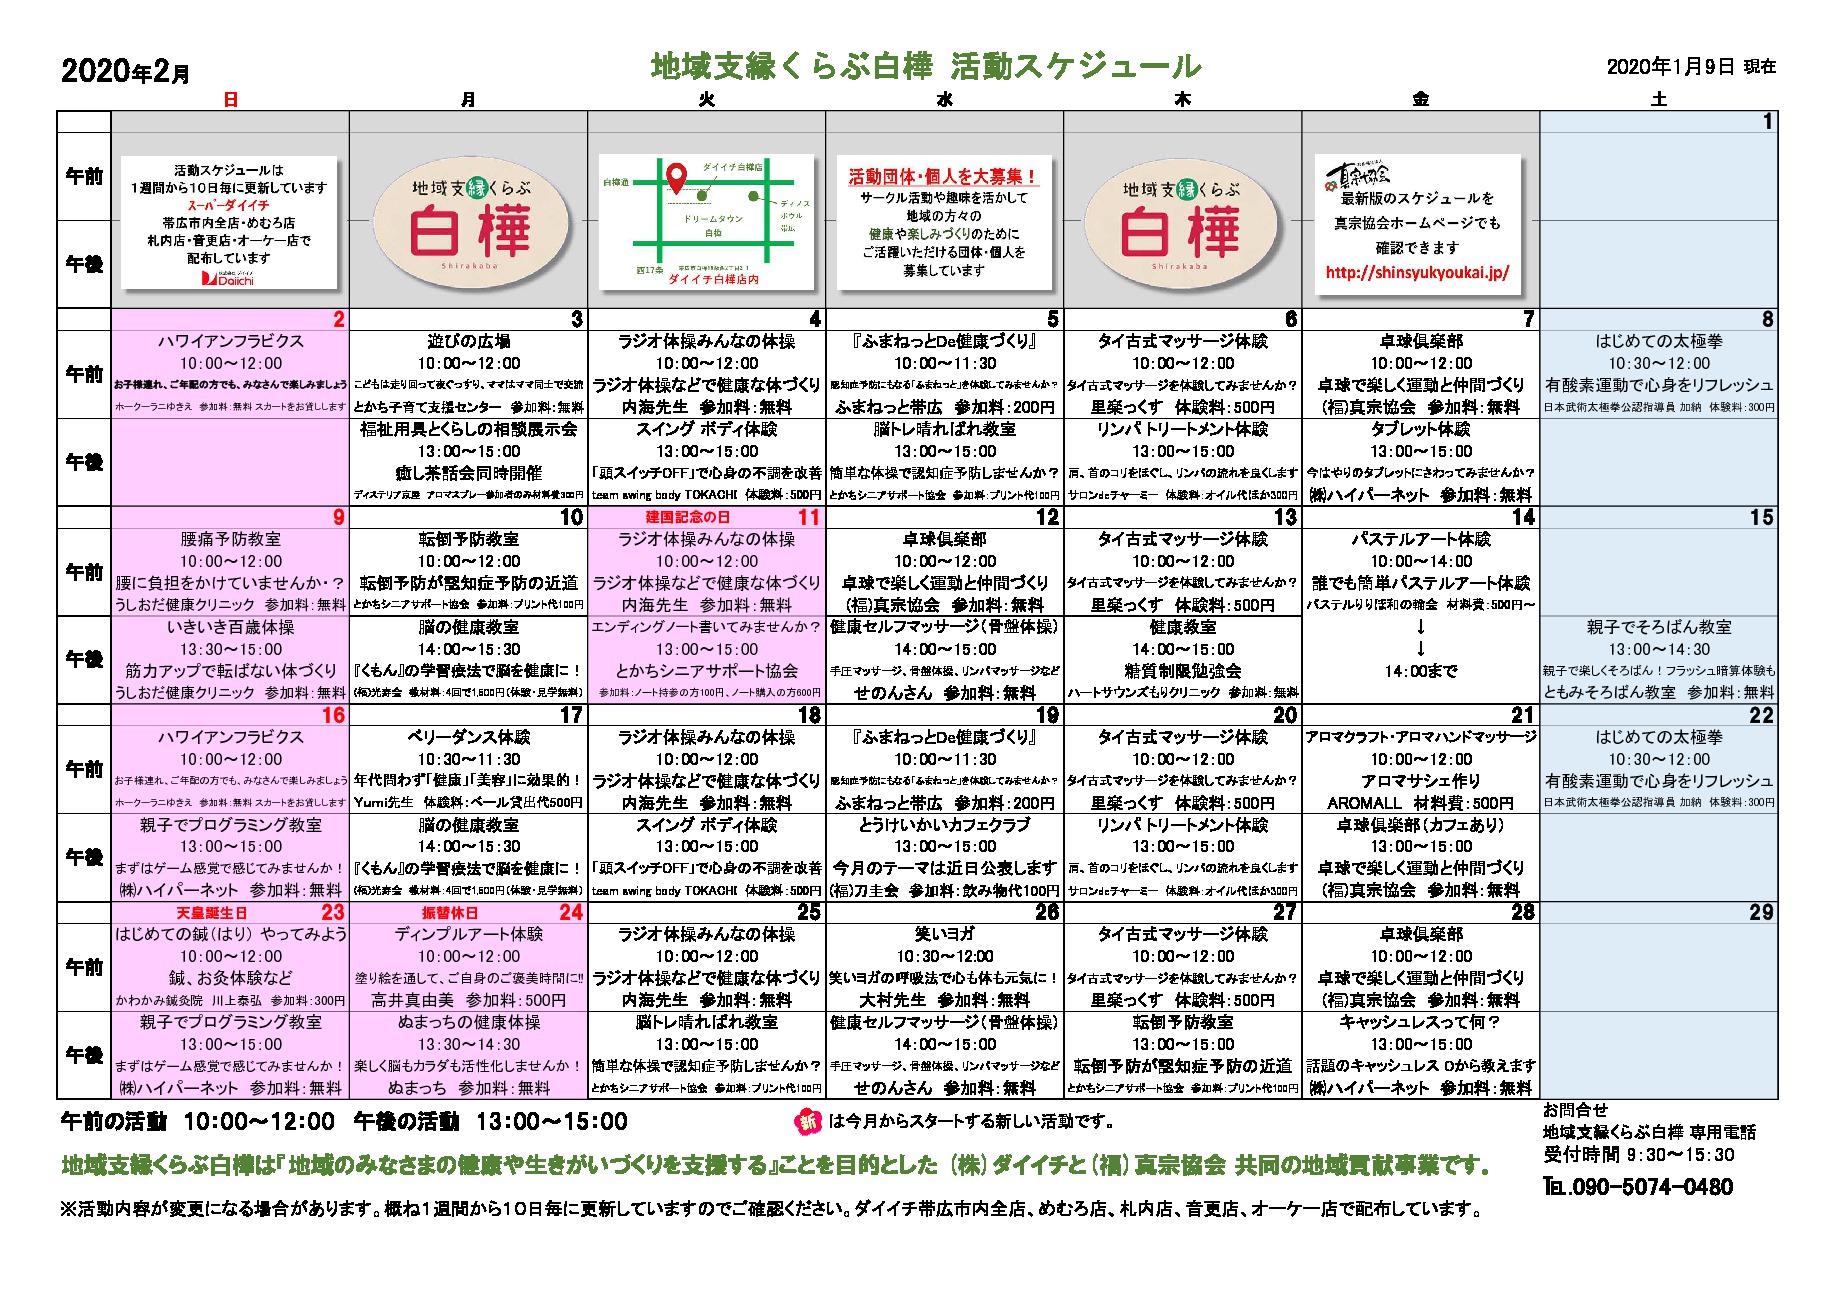 2019活動スケジュール2(2020.1.9付)のサムネイル